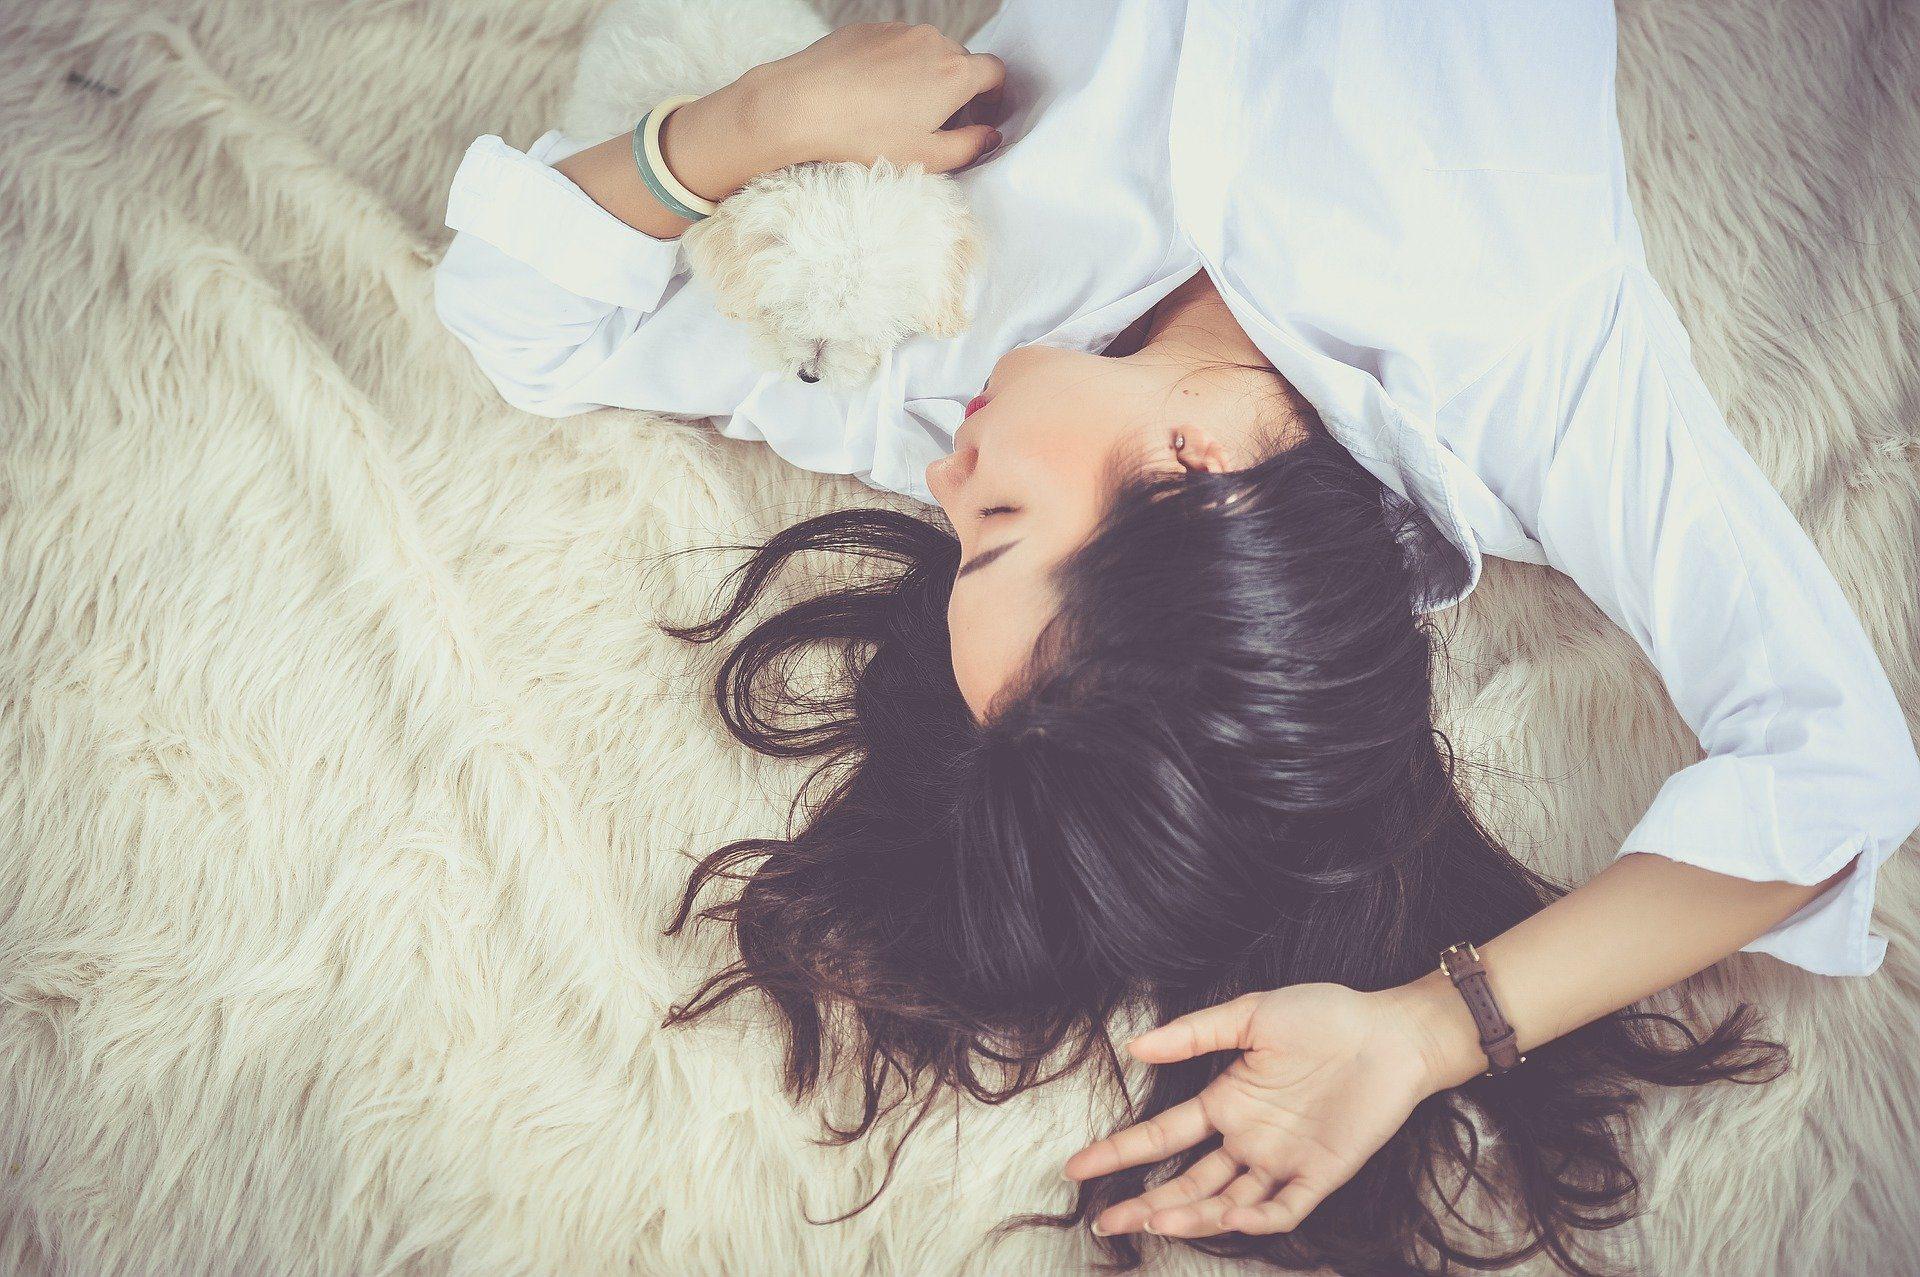 Hemp Oil for better sleep